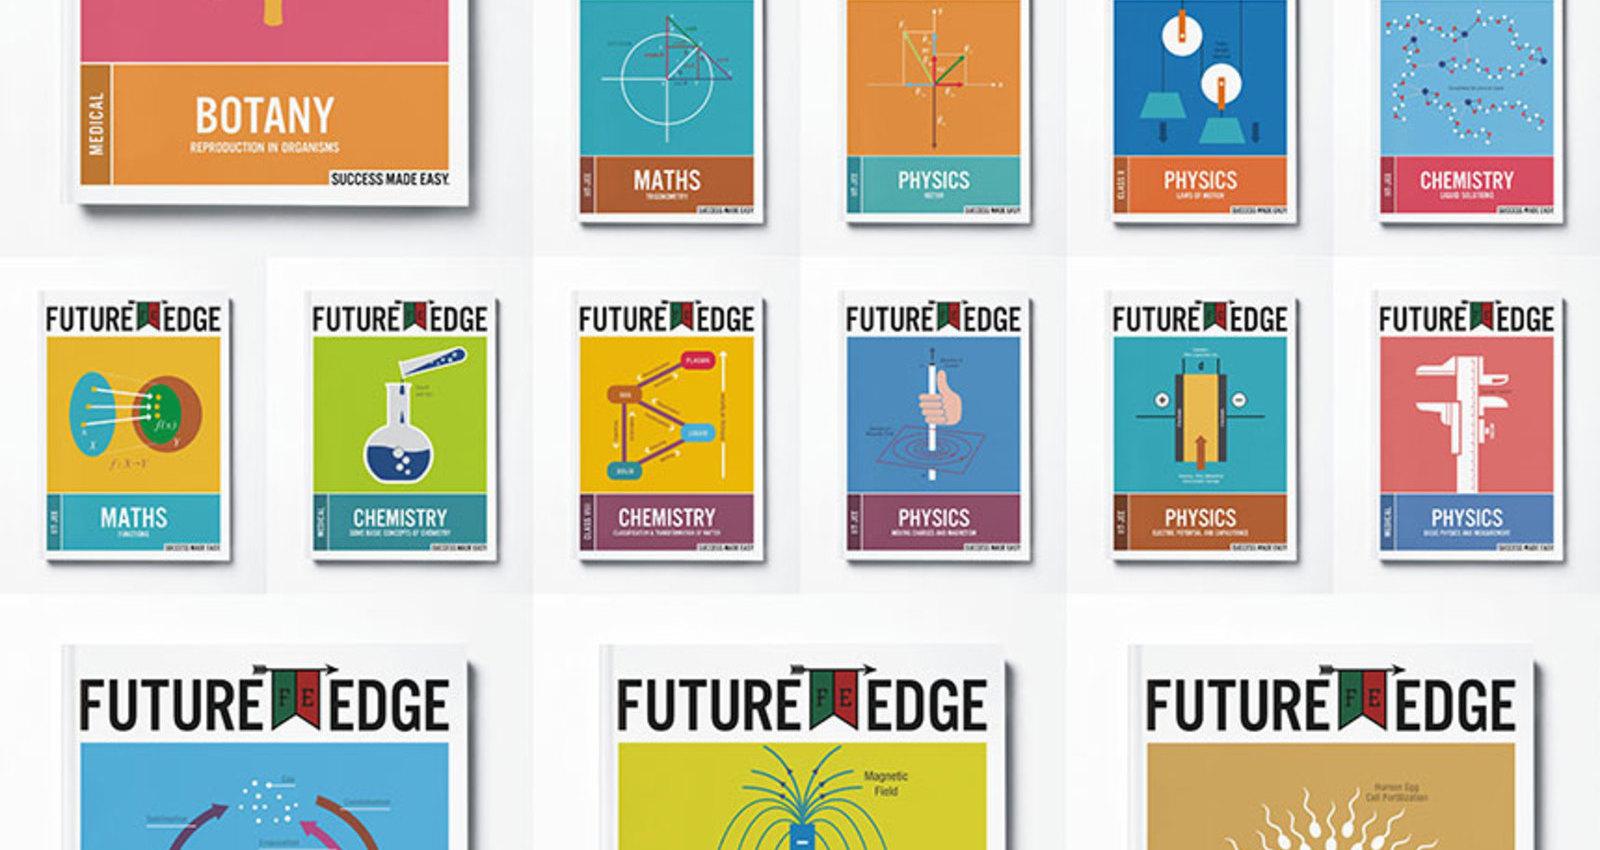 The Future Edge Books